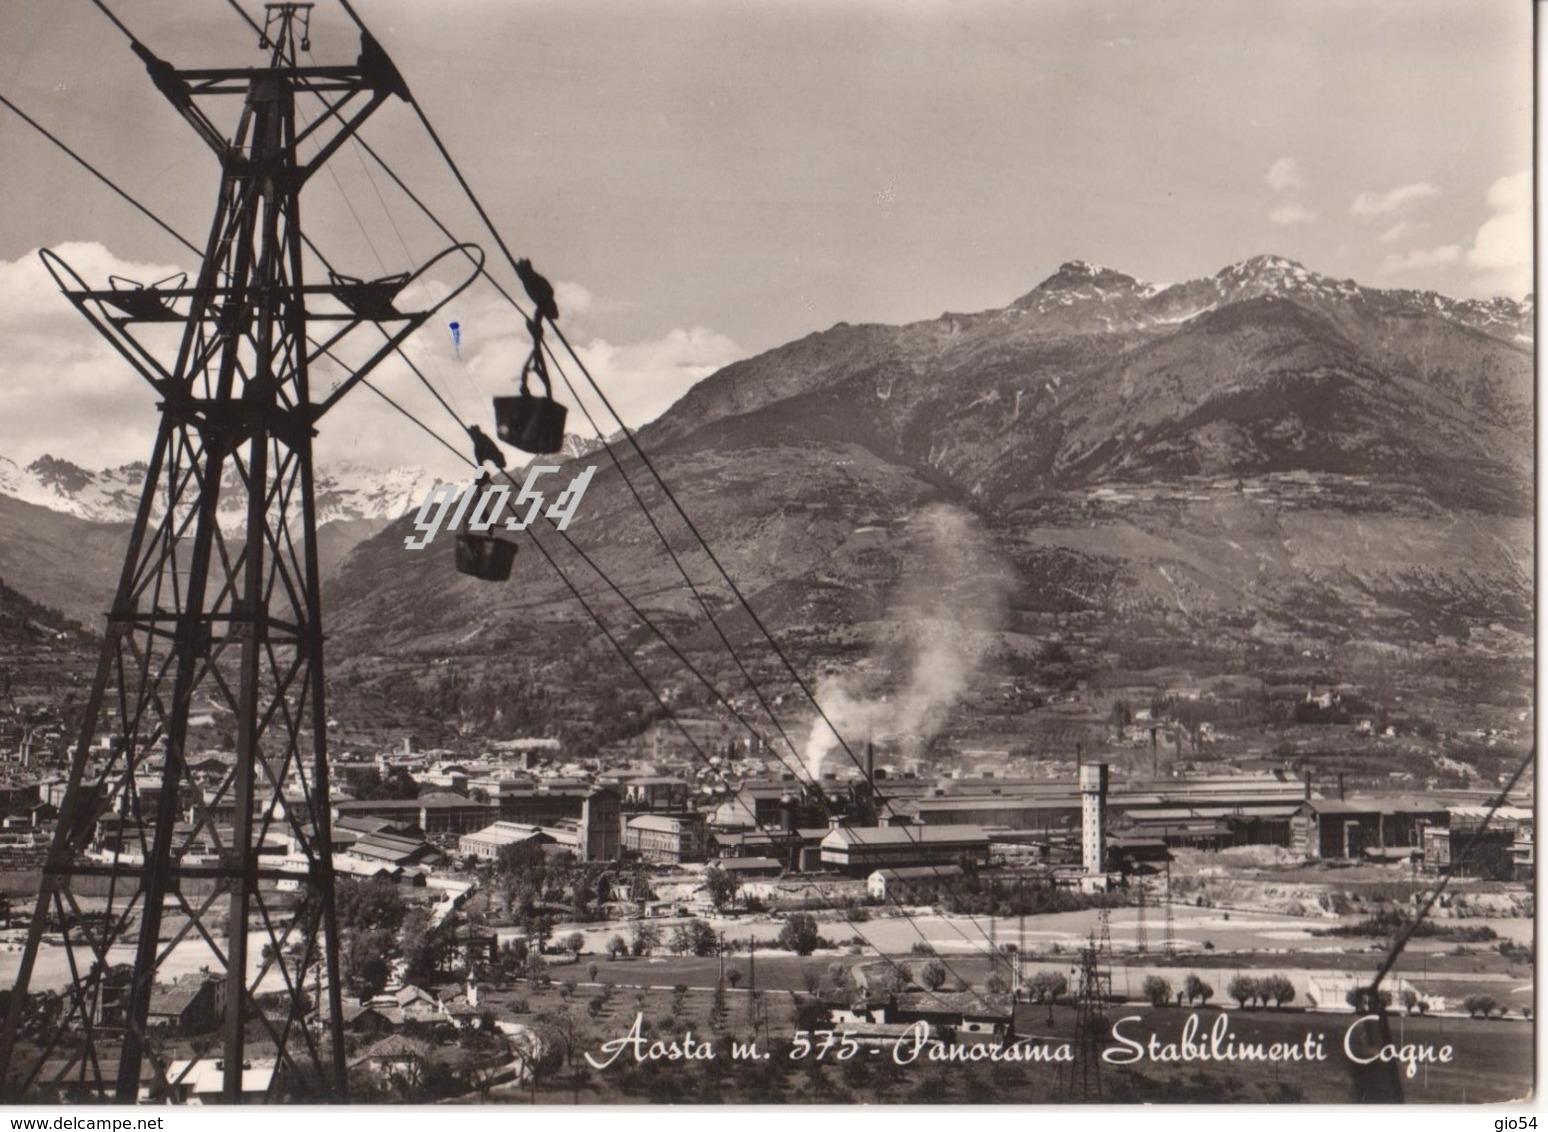 Aosta Panorama Stabilimenti Cogne Teleferica Miniera Fg - Italy